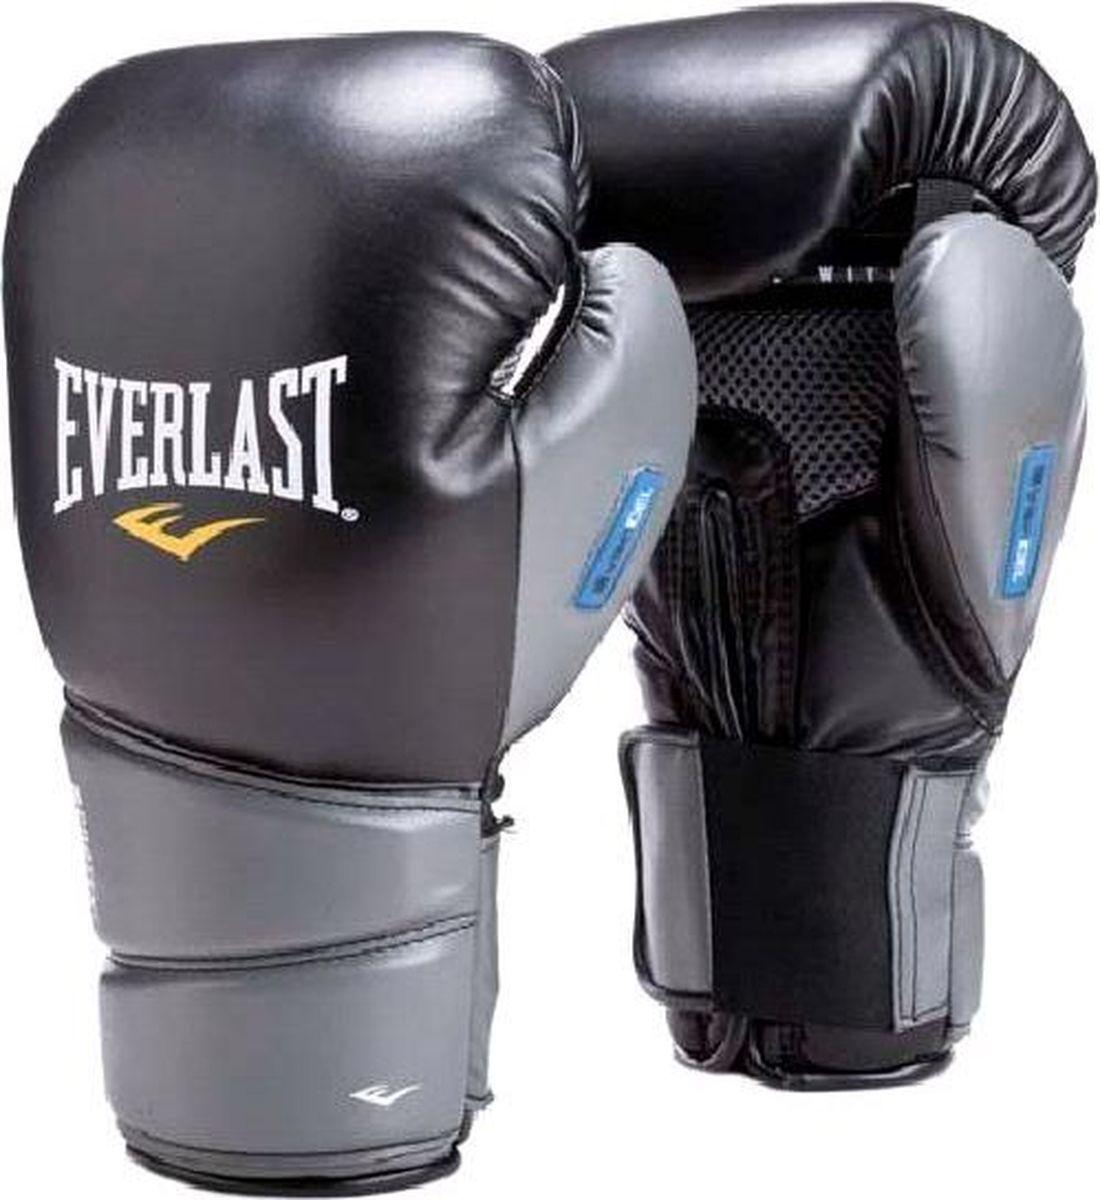 Боксерские перчатки Everlast Protex2 Gel, тренировочные, 3114GLLXLU, черный, вес 14 унций, размер L/XL цена